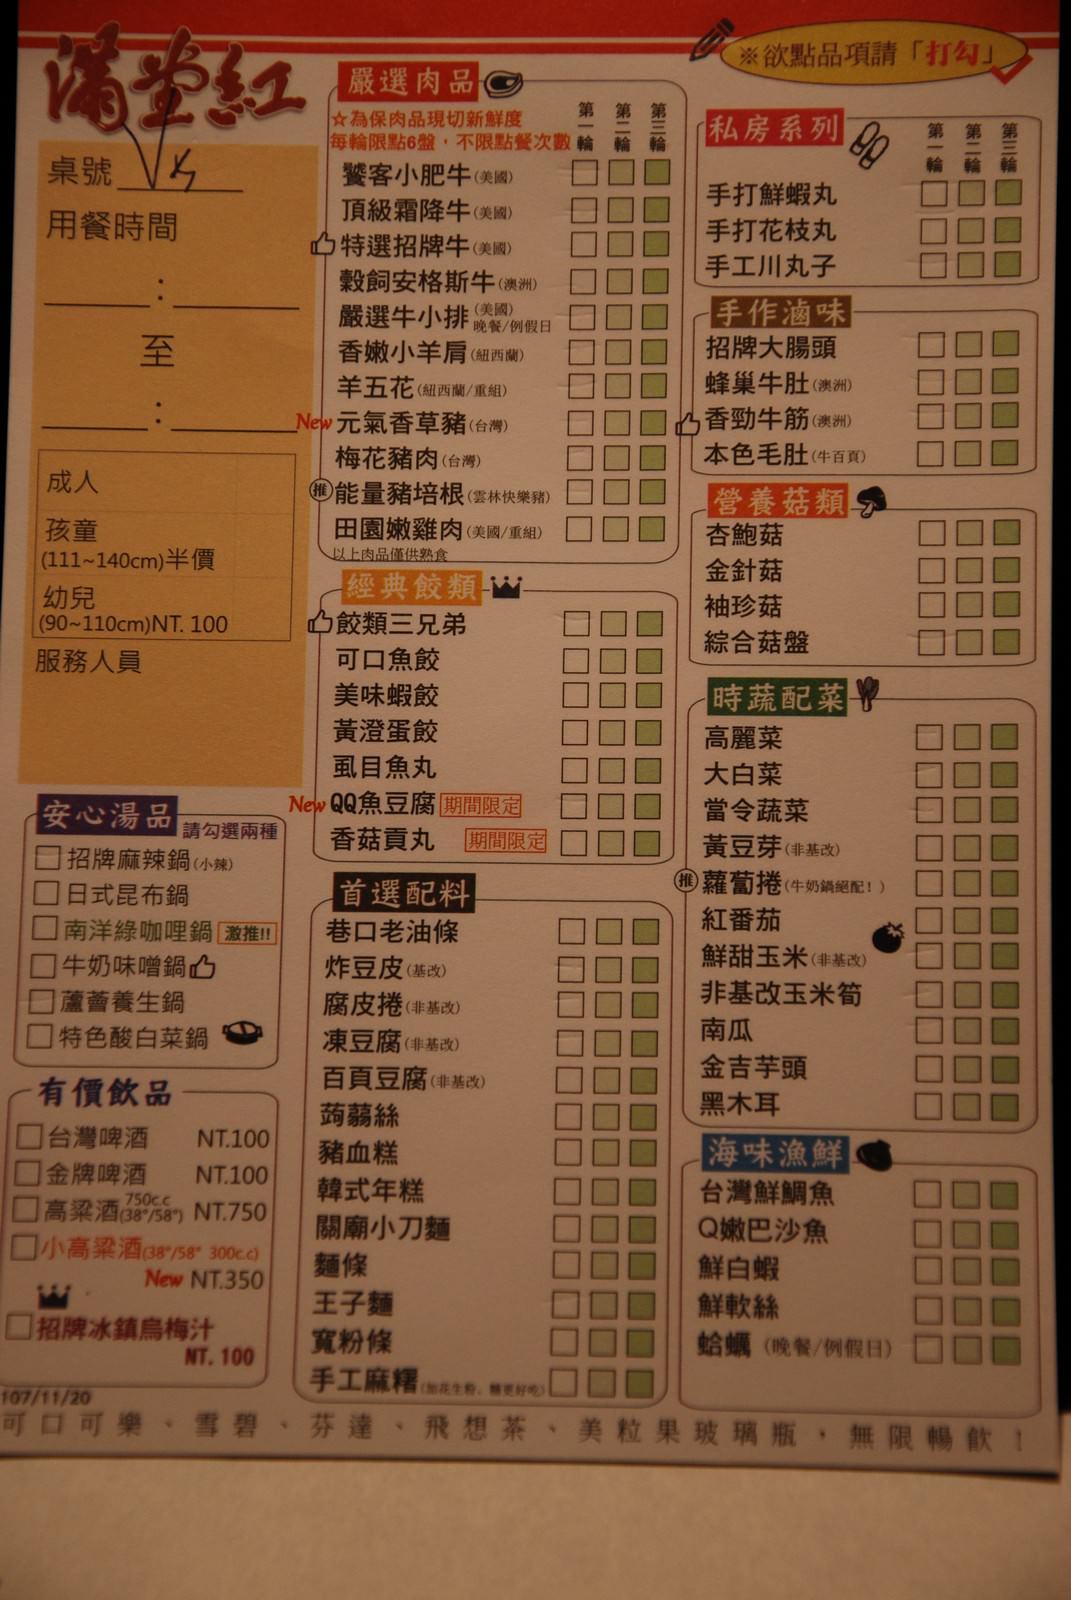 滿堂紅頂級麻辣鴛鴦鍋@台北松江店, 點菜單/MENU